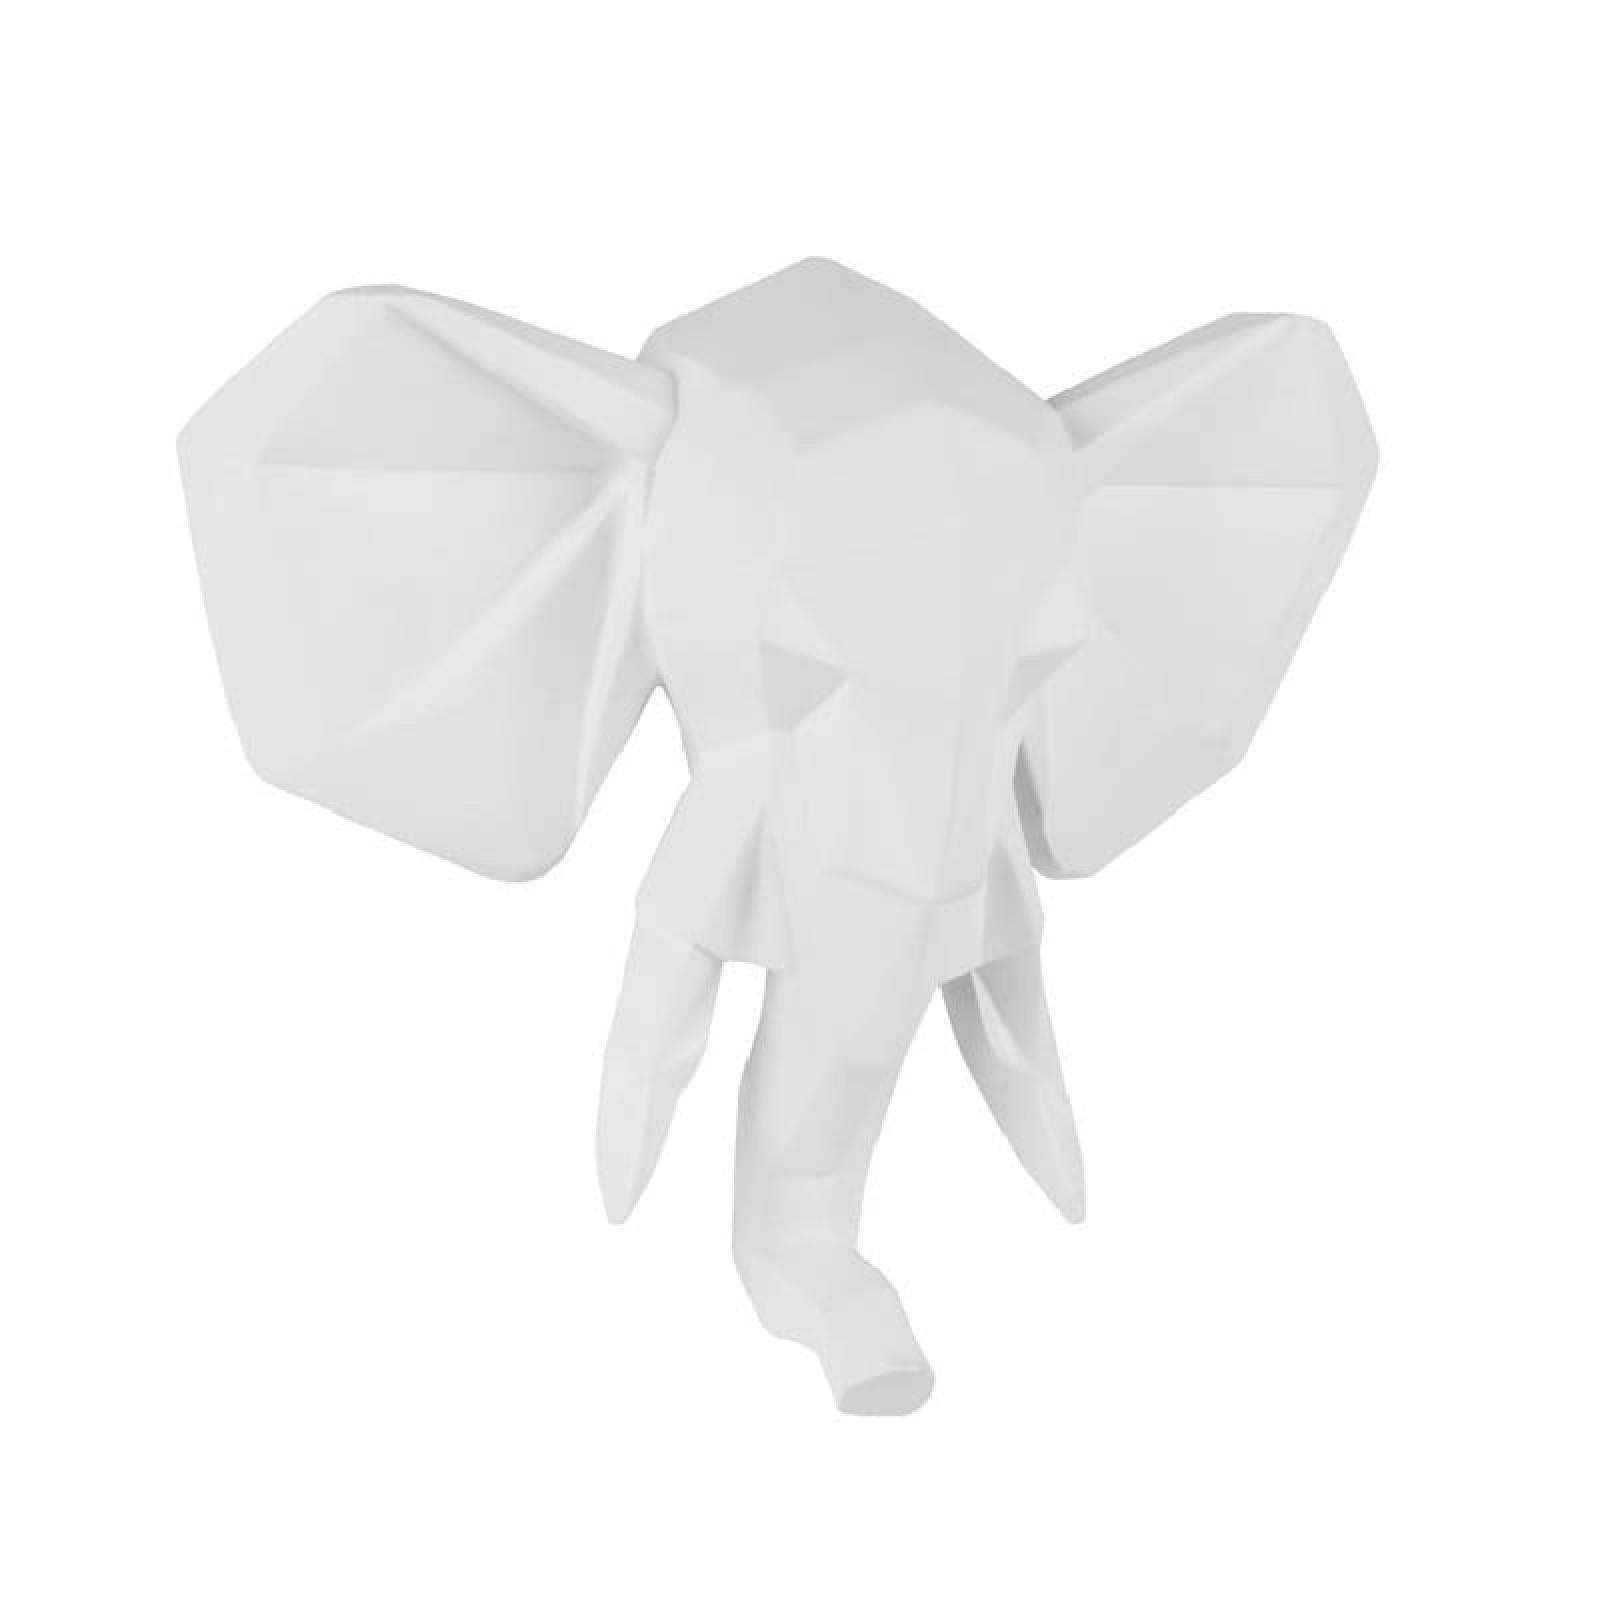 Origami Elephant Wall Hanger (Matt White) - Present Time